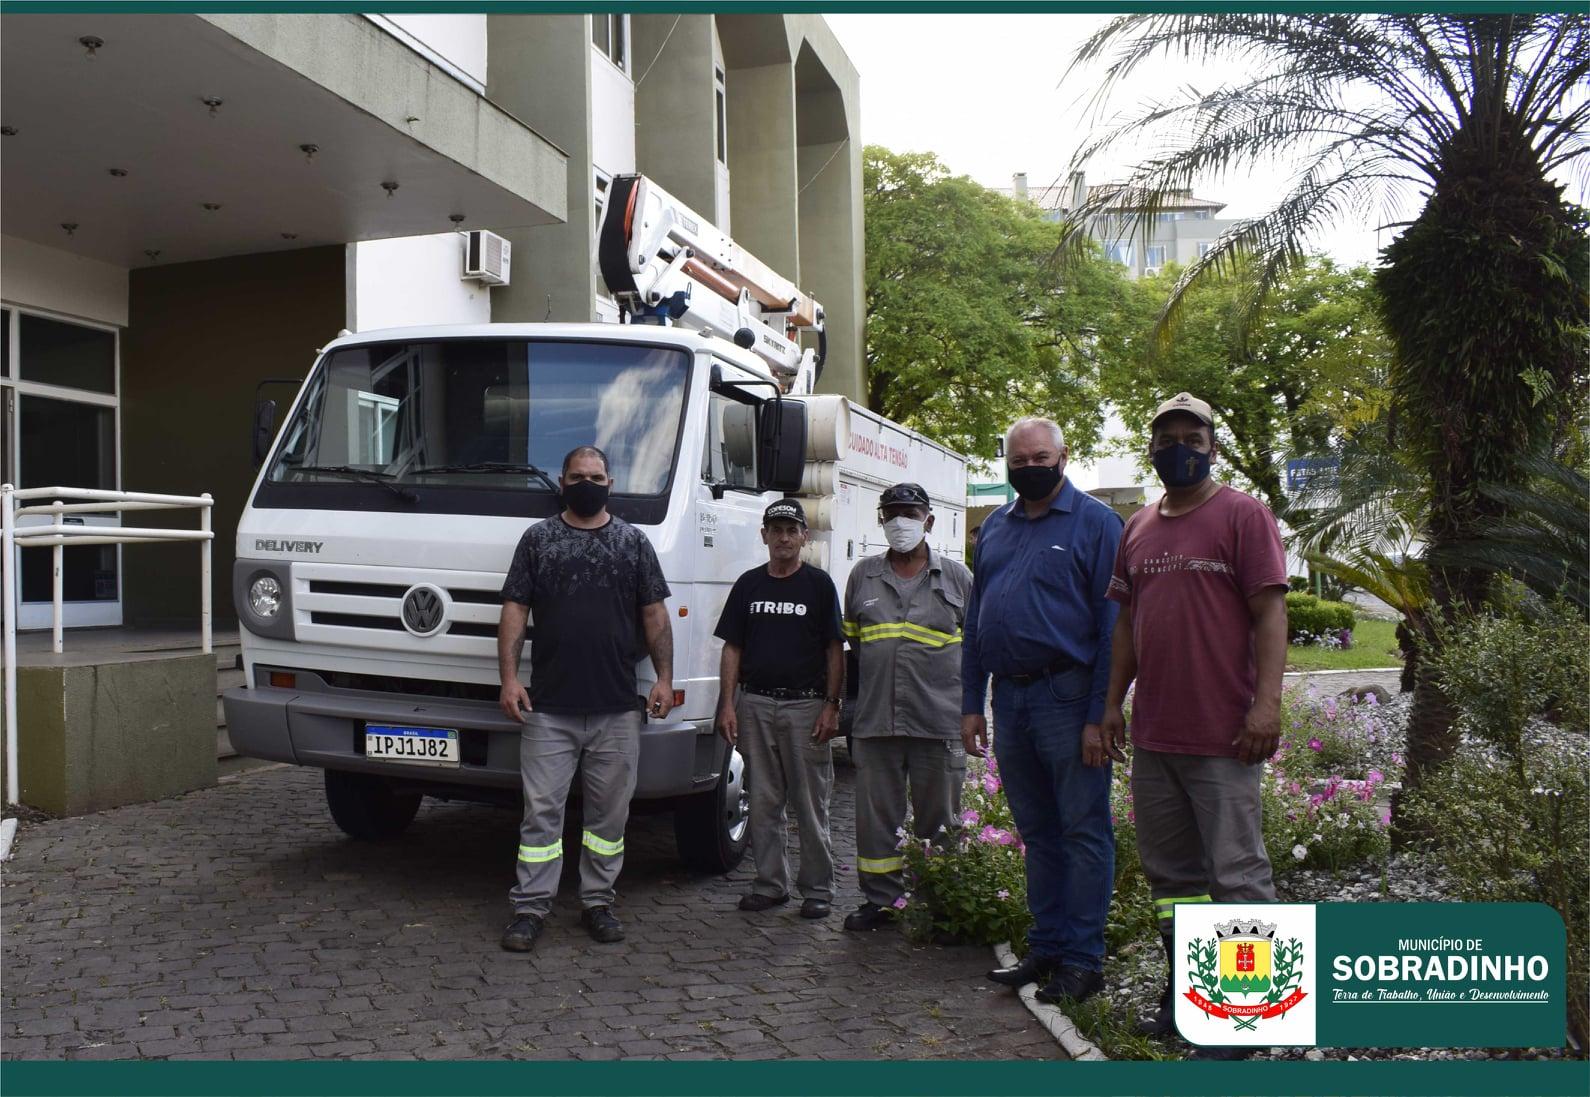 Sobradinho recebe Caminhão com cesto aéreo